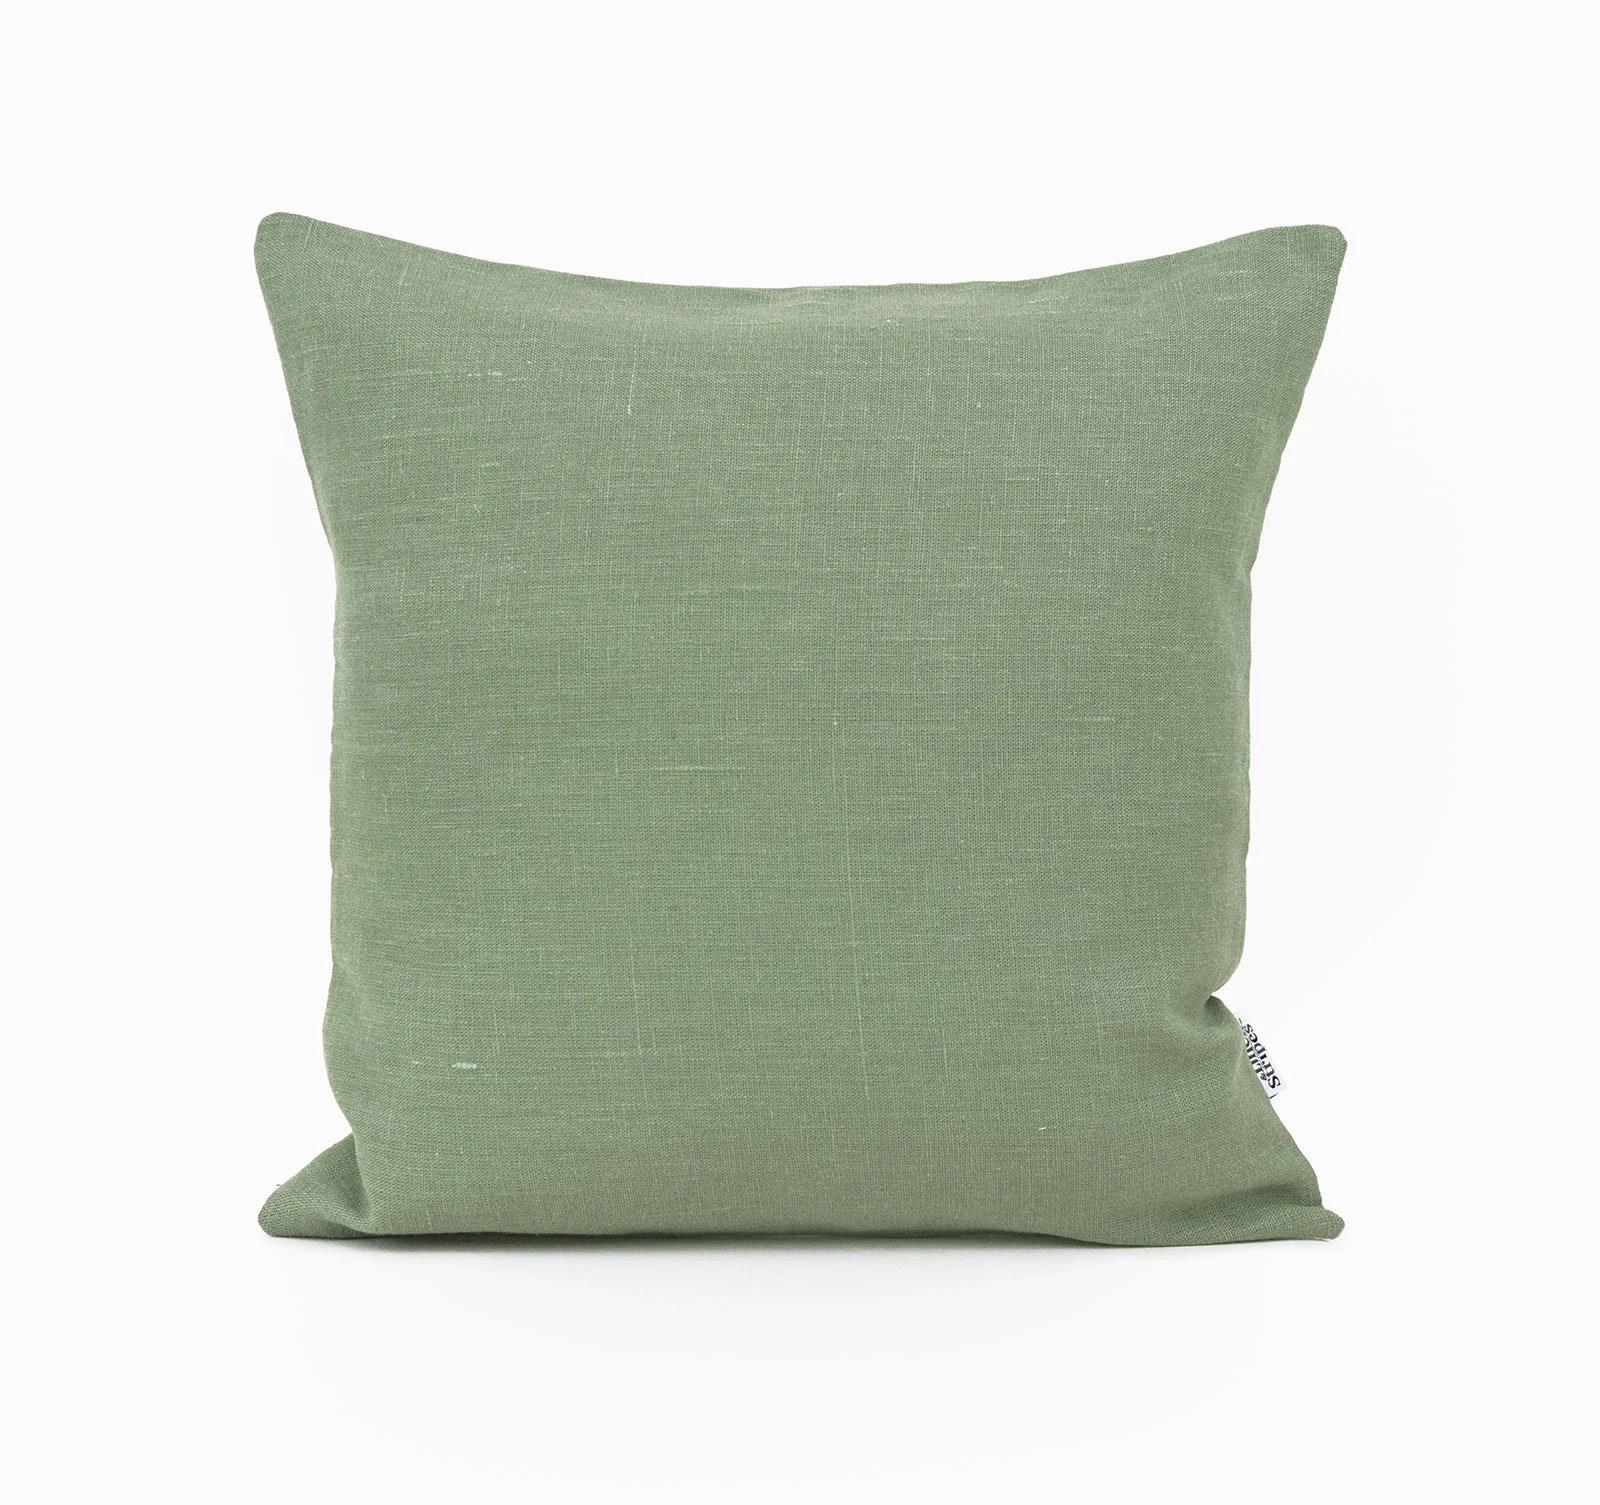 moss green pillow cover linen throw pillow covers 24x24 linen cushion cover vegan pillow case green accent pillow cases green euro sham